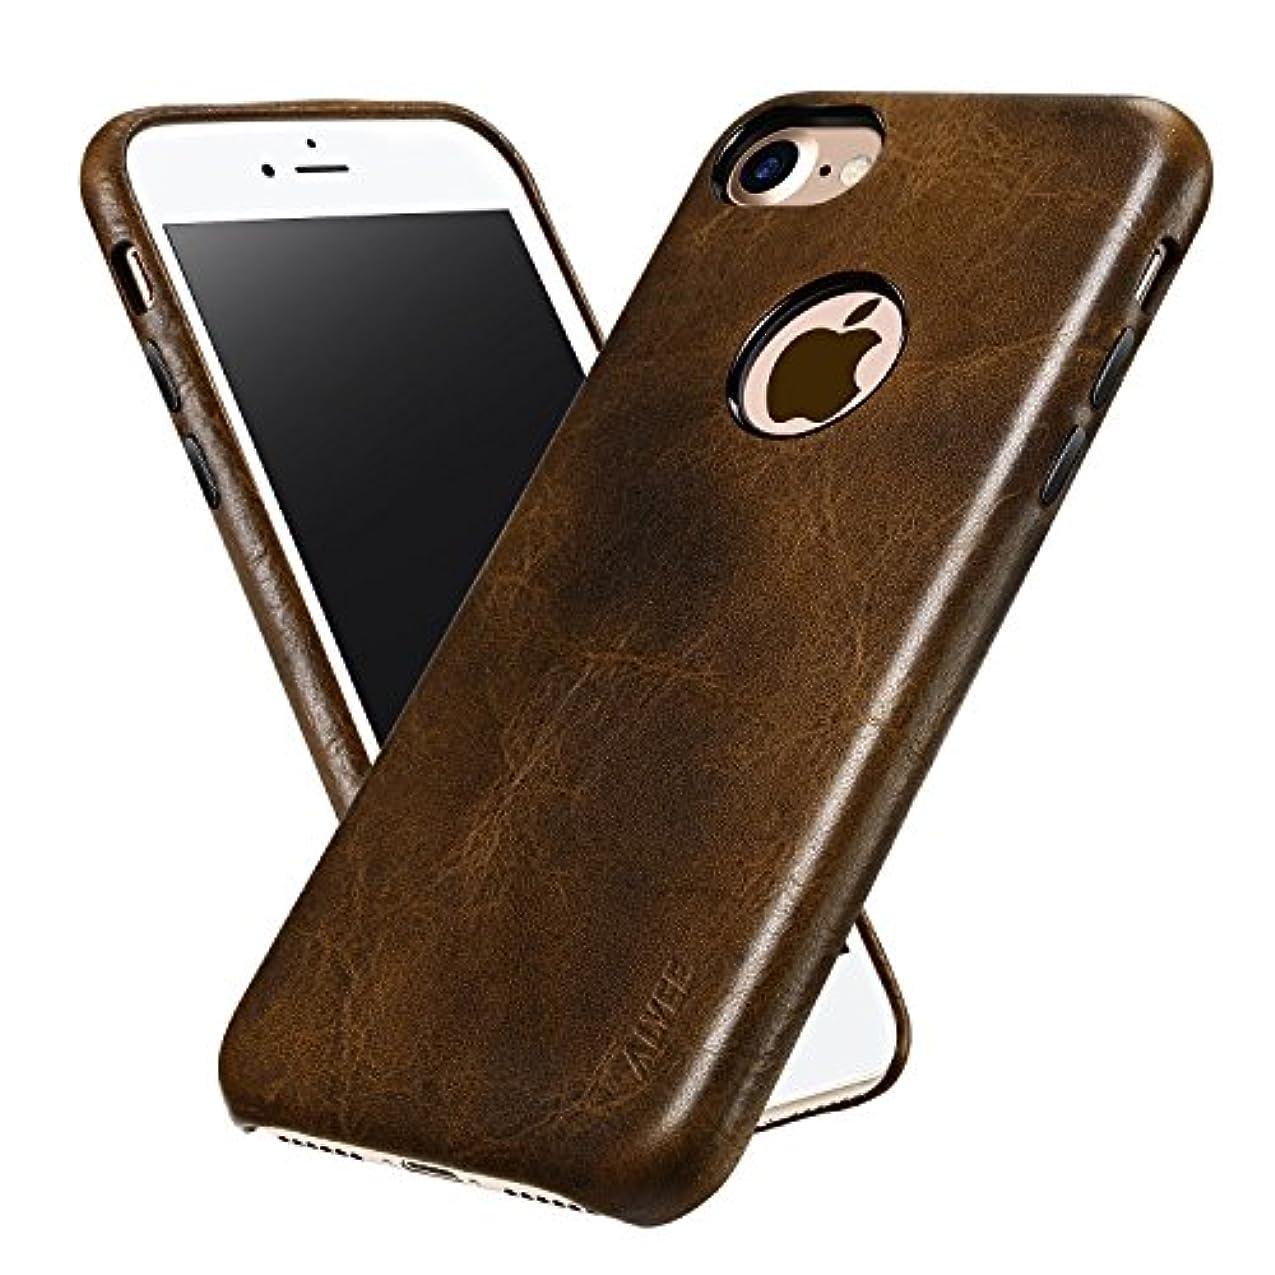 出席するマーベル前置詞ALYEE iPhone 7ケース,超薄型で本物の皮製の保護用ケースであり、4.7インチのiPhone7(コーヒー色)に適合する